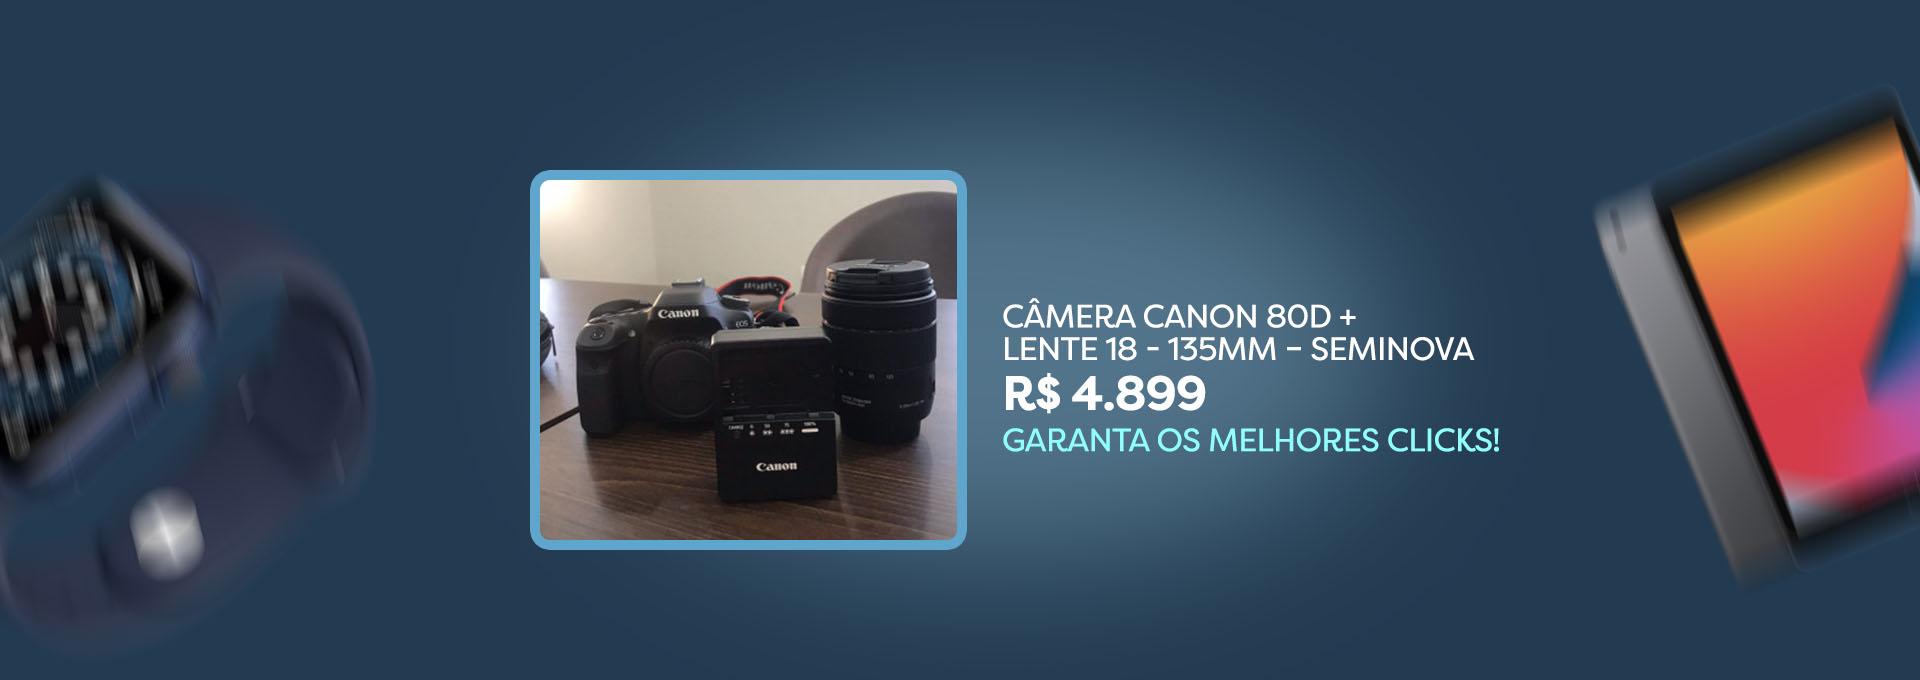 Camera Canon - Seminovos Go Imports